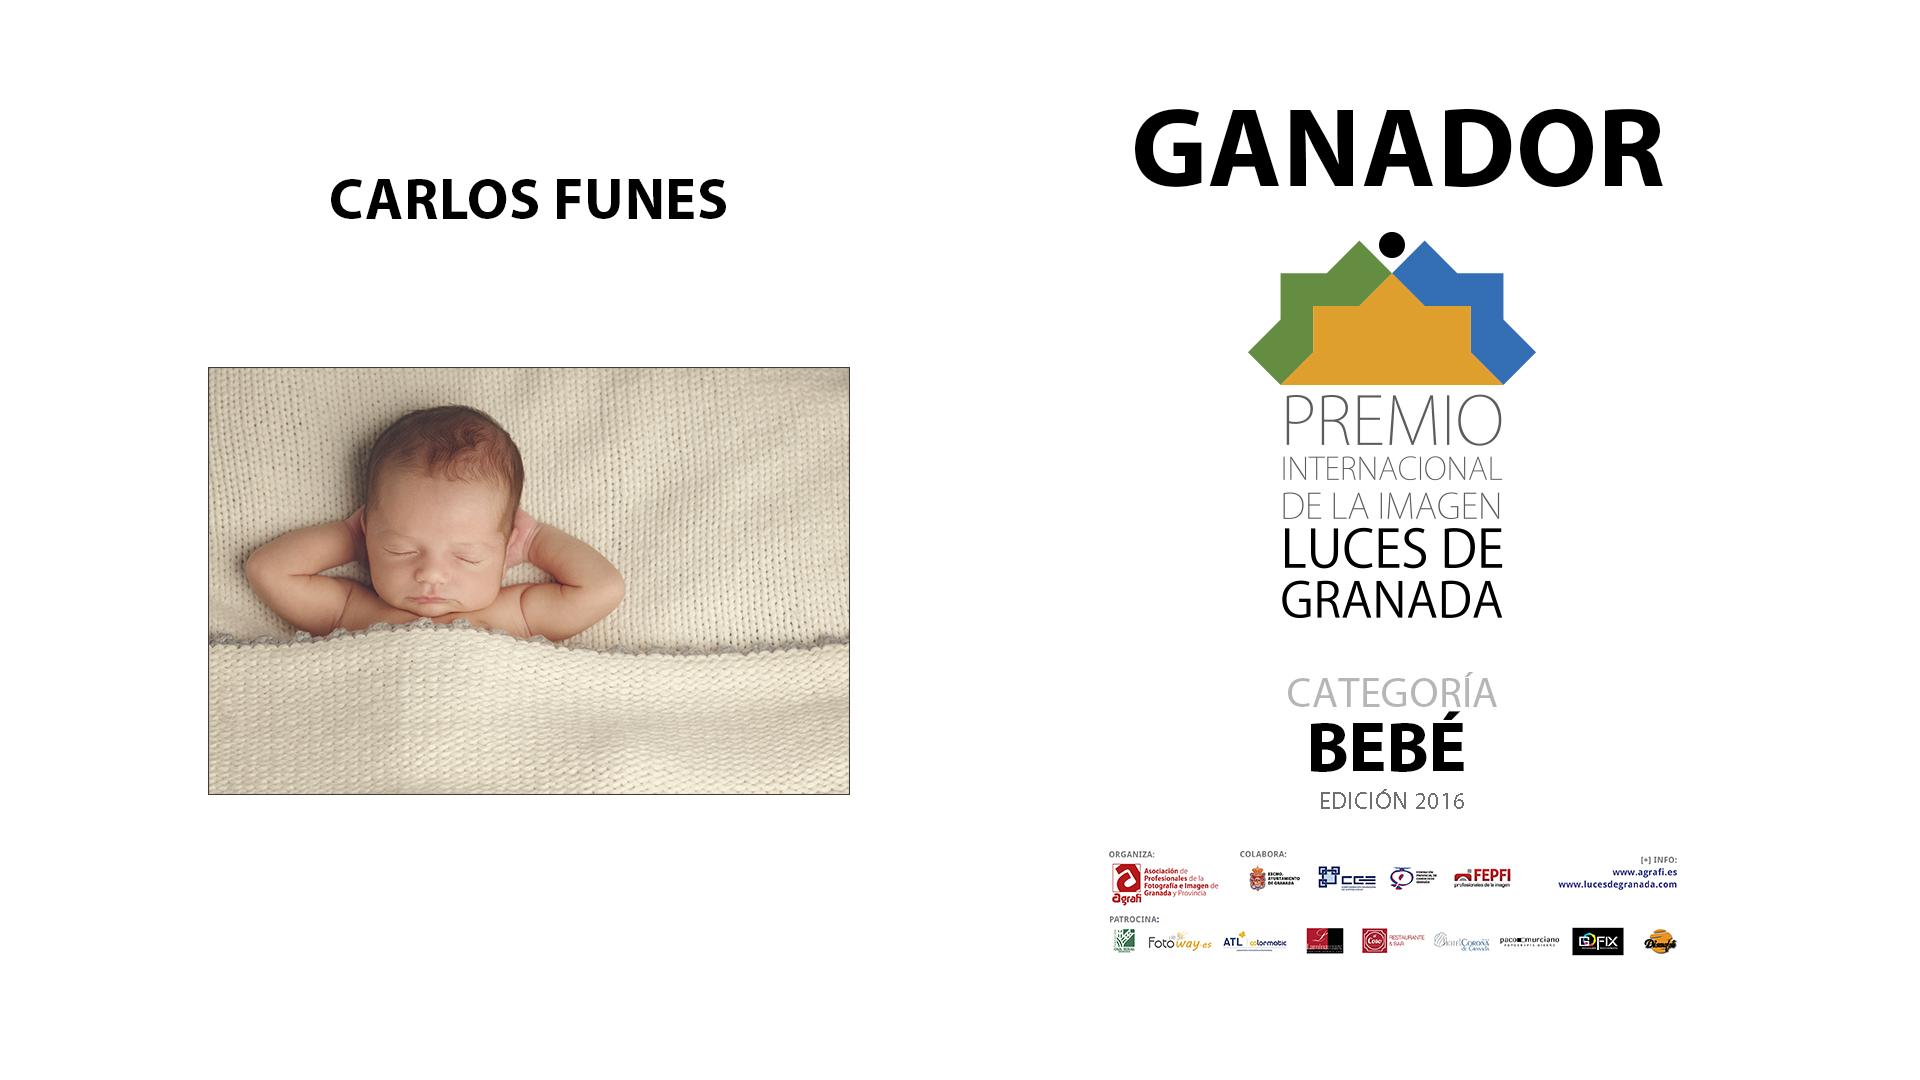 ganadores_luces_2016_bb